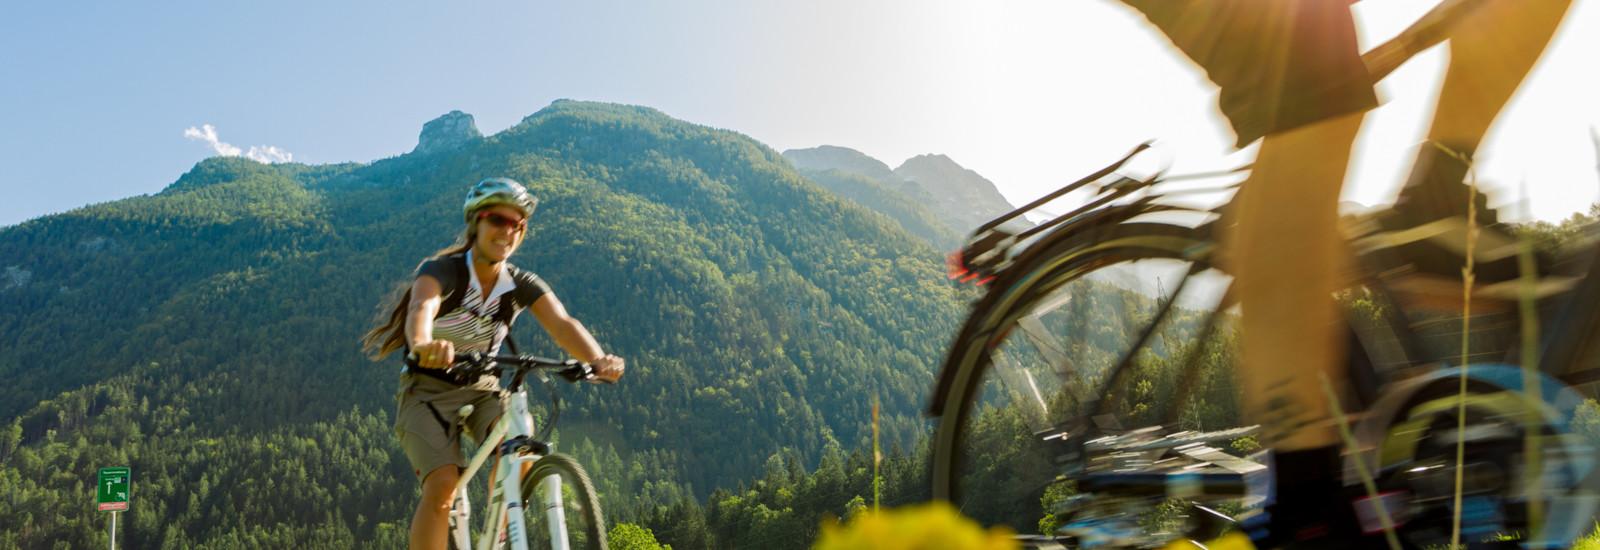 Tauernradweg zwischen Golling und Kuchl